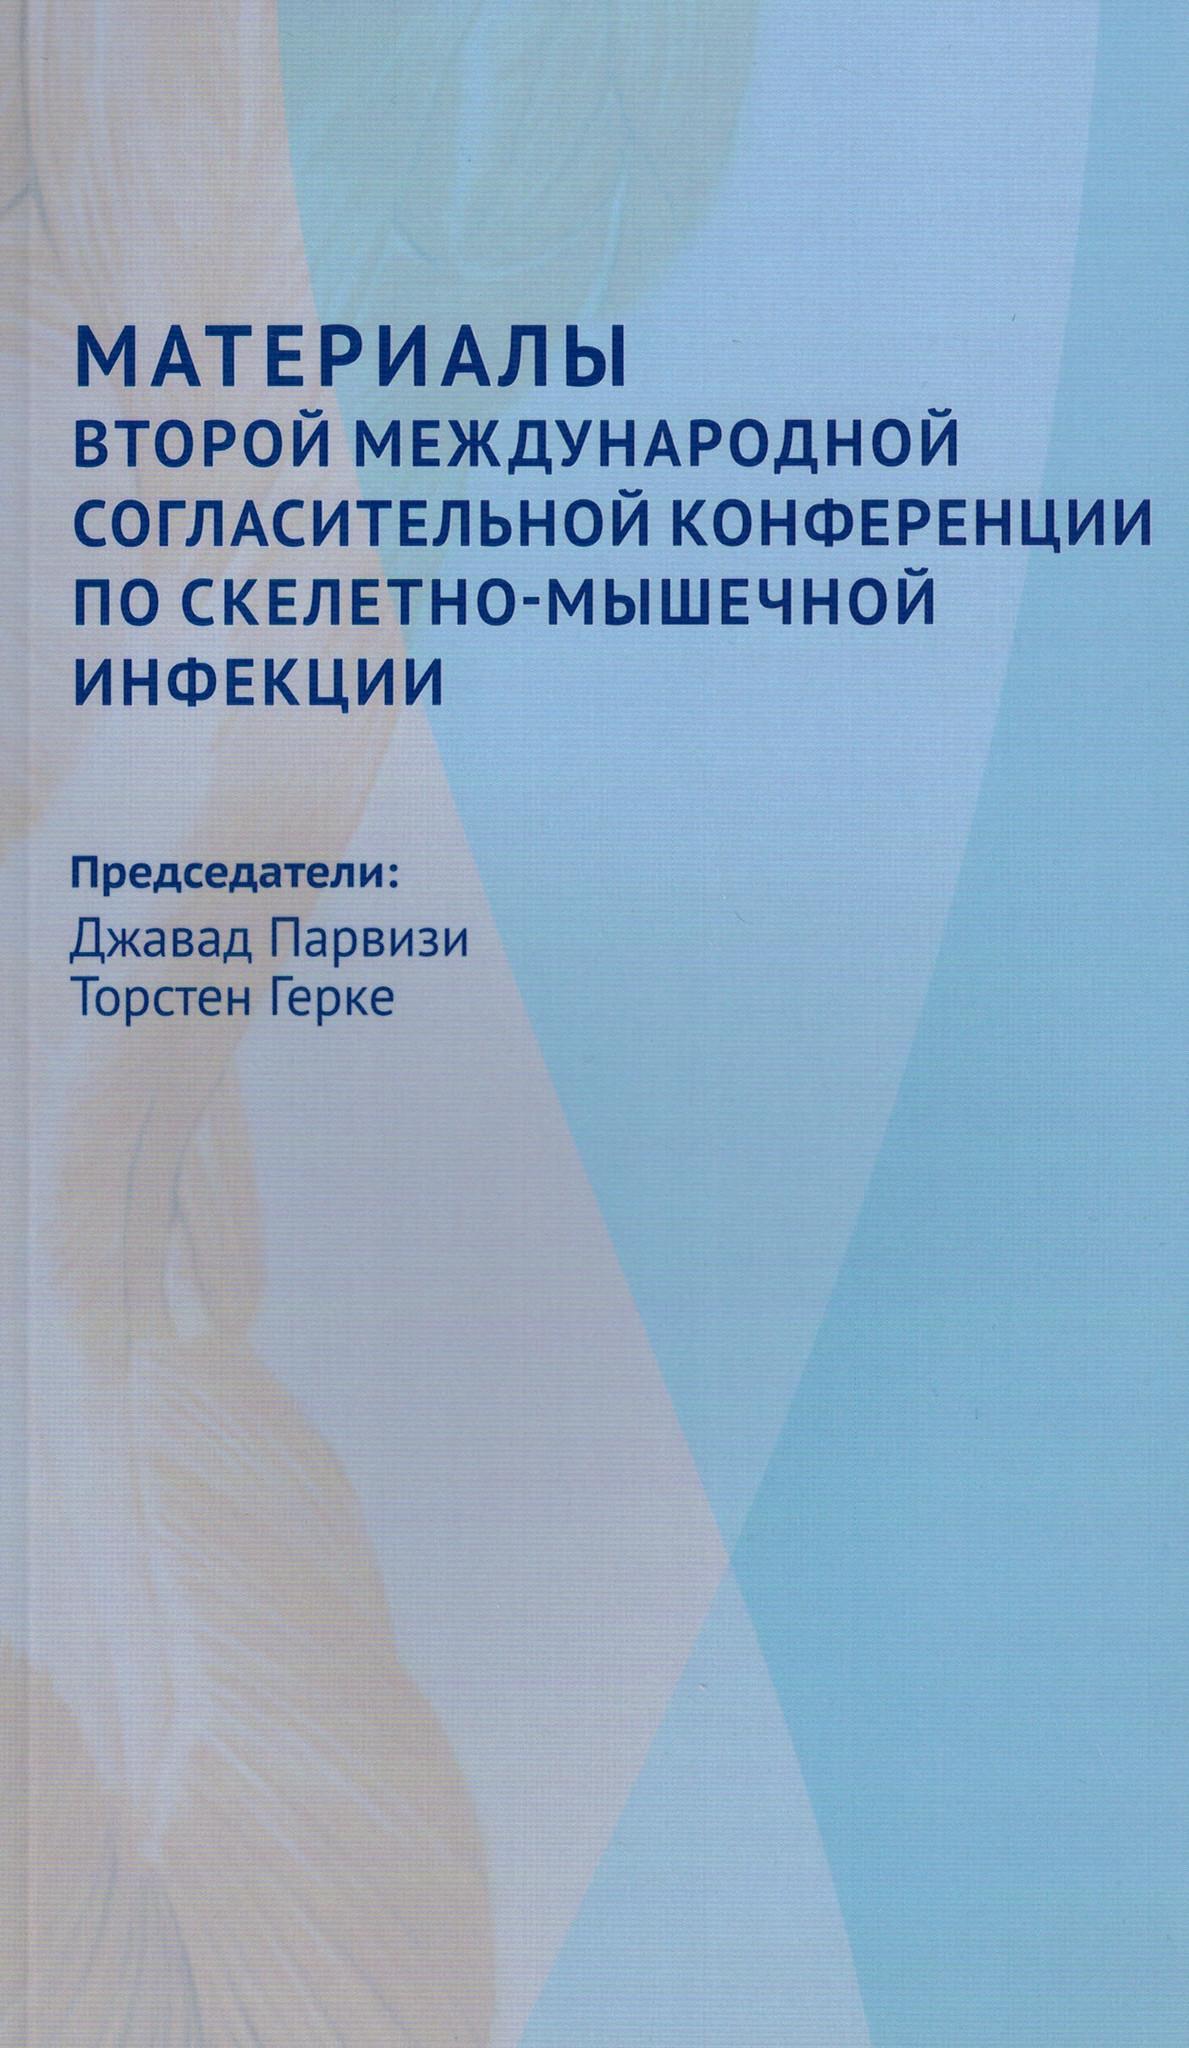 Новинки Материалы второй международной согласительной конференции по скелетно-мышечной инфекции mvm.jpg